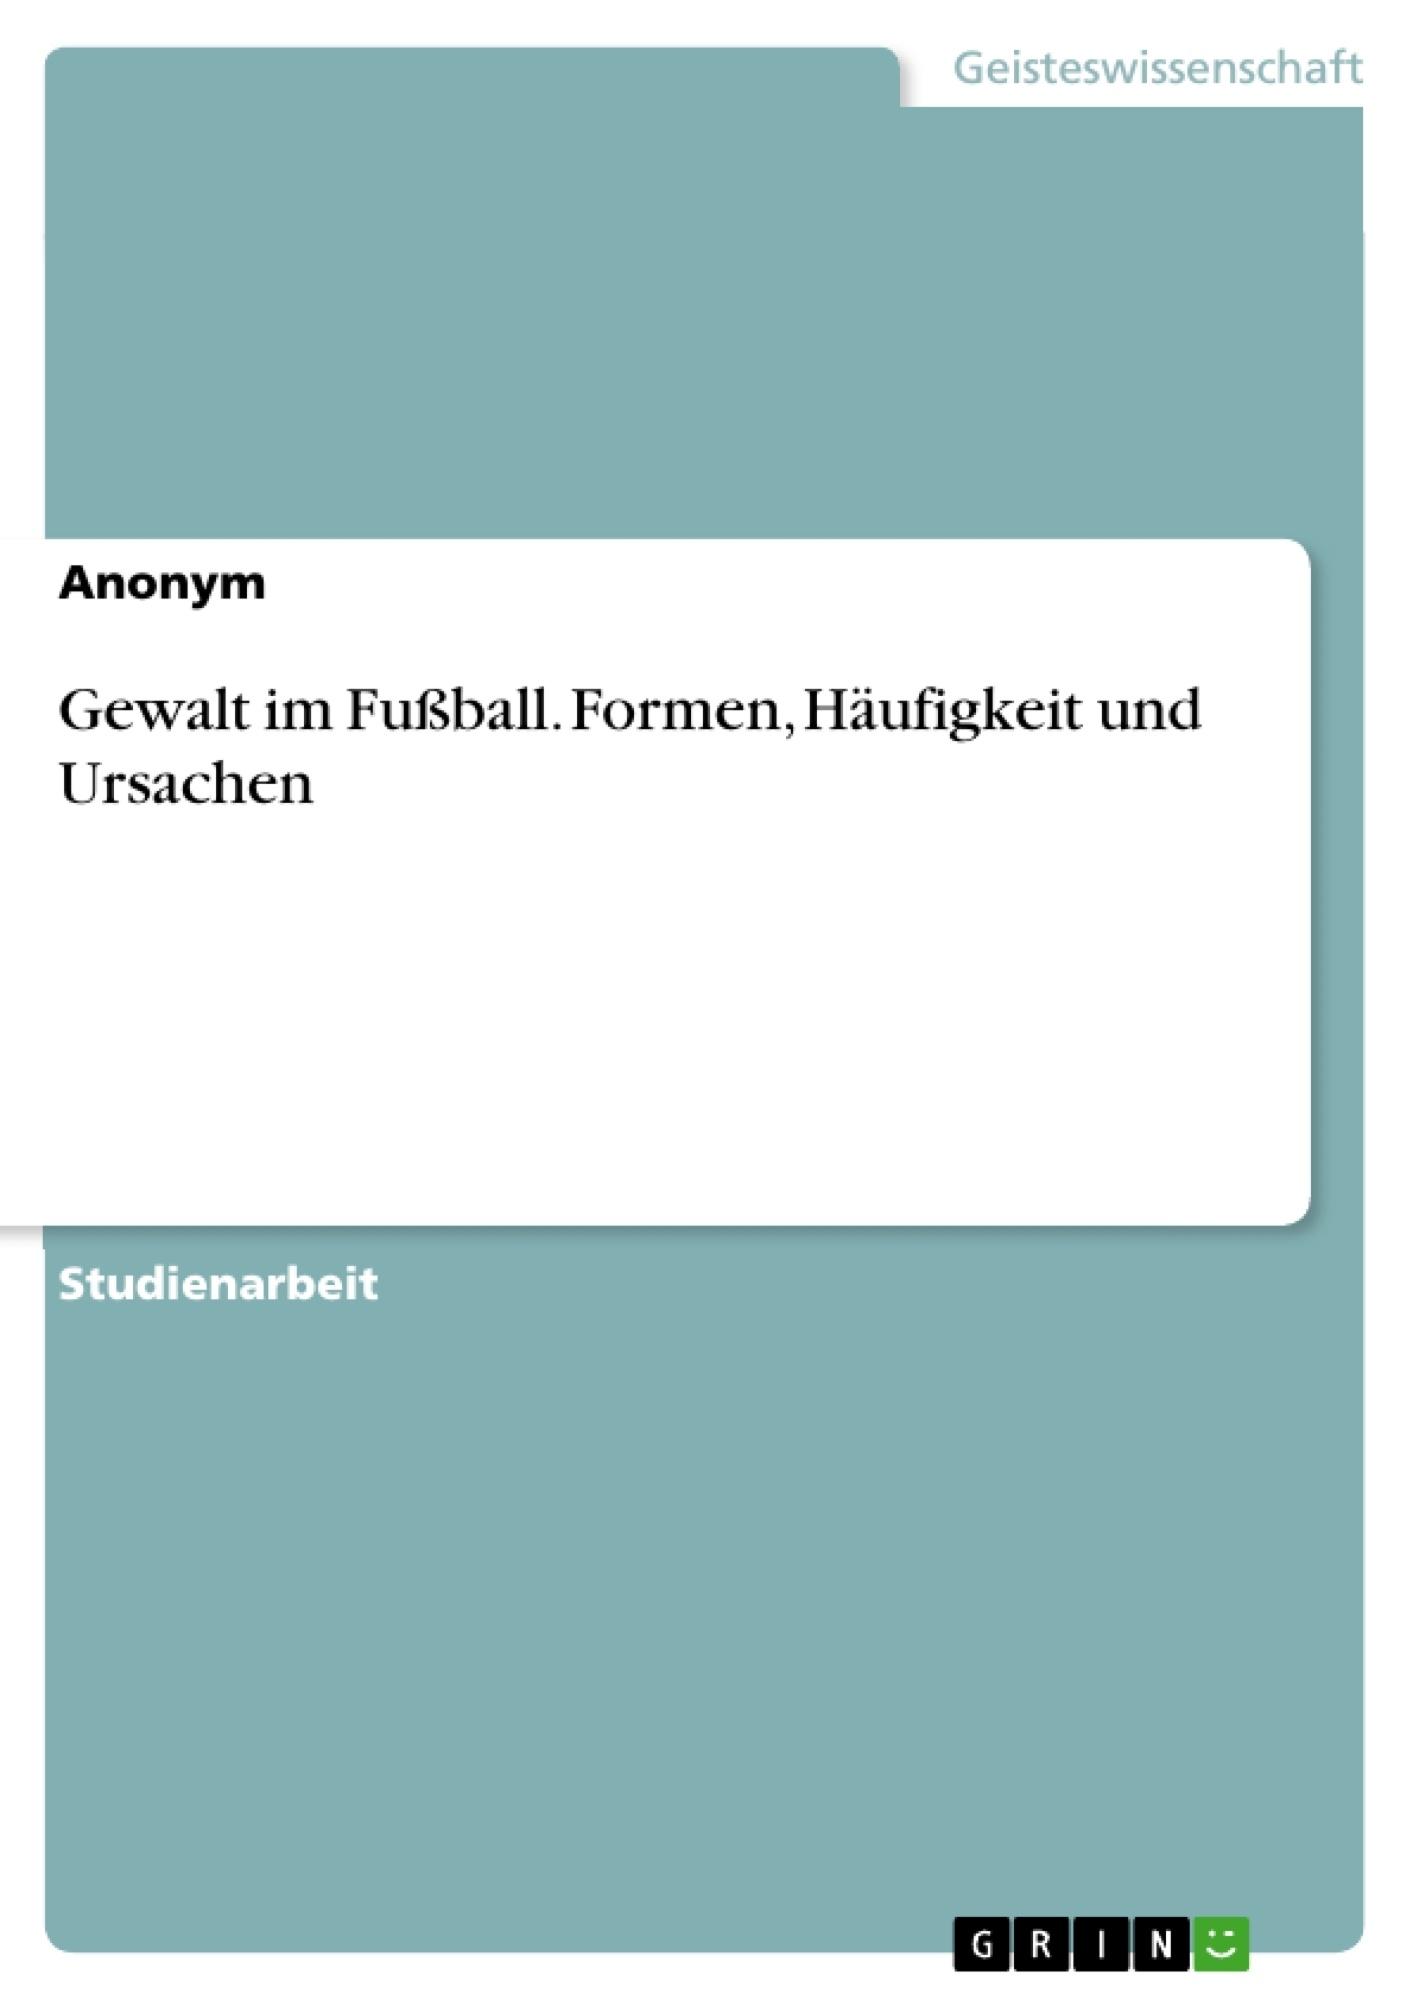 Titel: Gewalt im Fußball. Formen, Häufigkeit und Ursachen